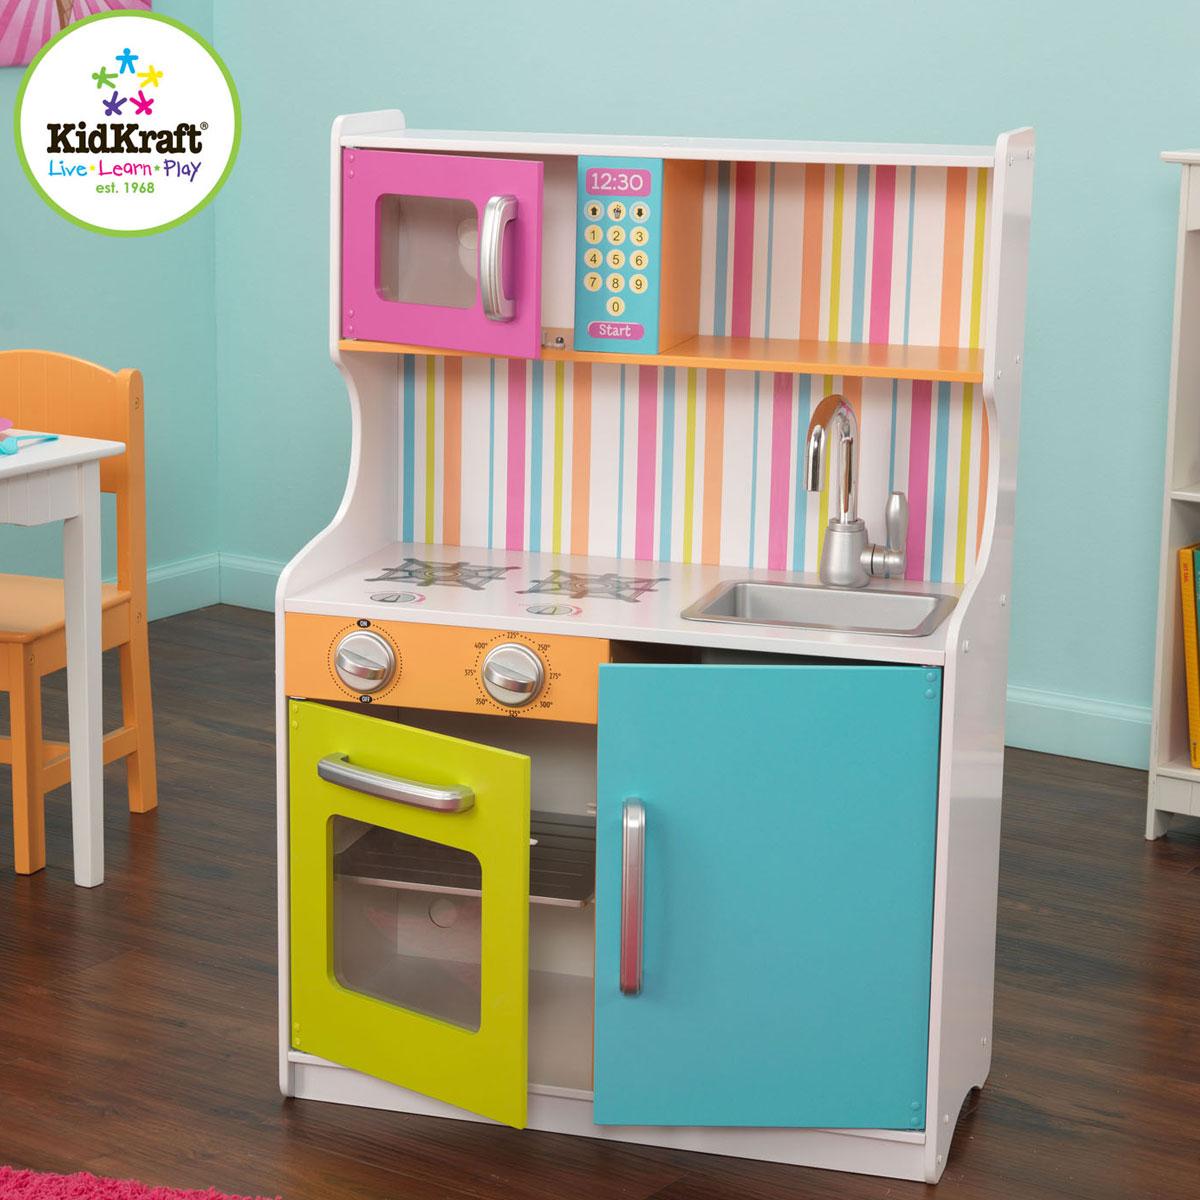 spielkche kidkraft good elegant with wasserhahn spielkche with spielkche kidkraft uniq. Black Bedroom Furniture Sets. Home Design Ideas